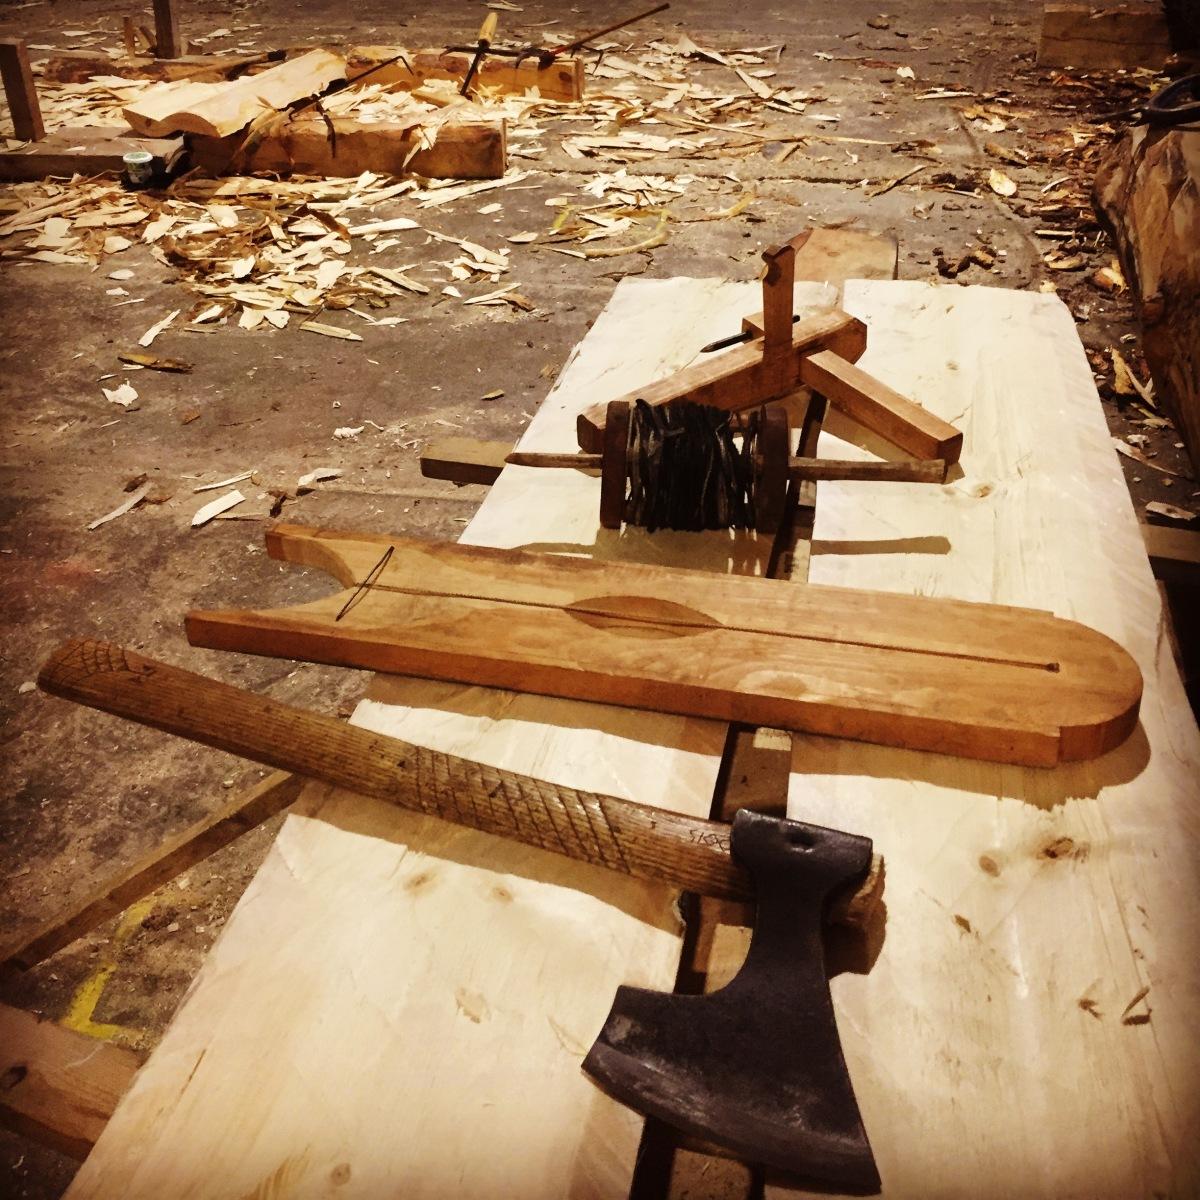 Kløyving av tømmer, tradisjonelle metoder og eksperimentelleforsøk